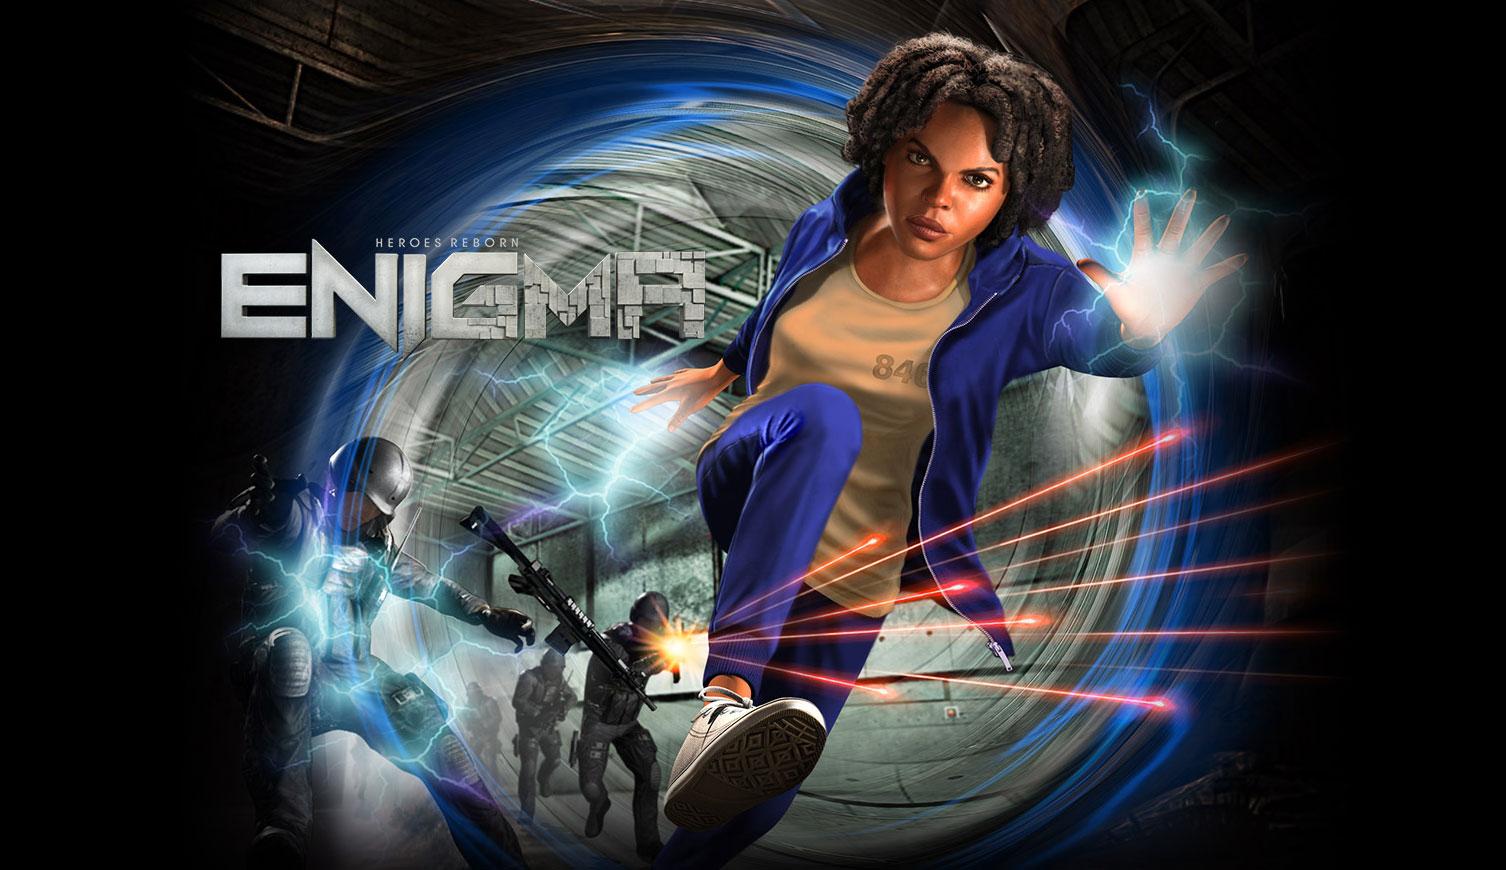 Veja como baixar de graça o jogo Heroes Reborn Enigma para iPhone e iPad